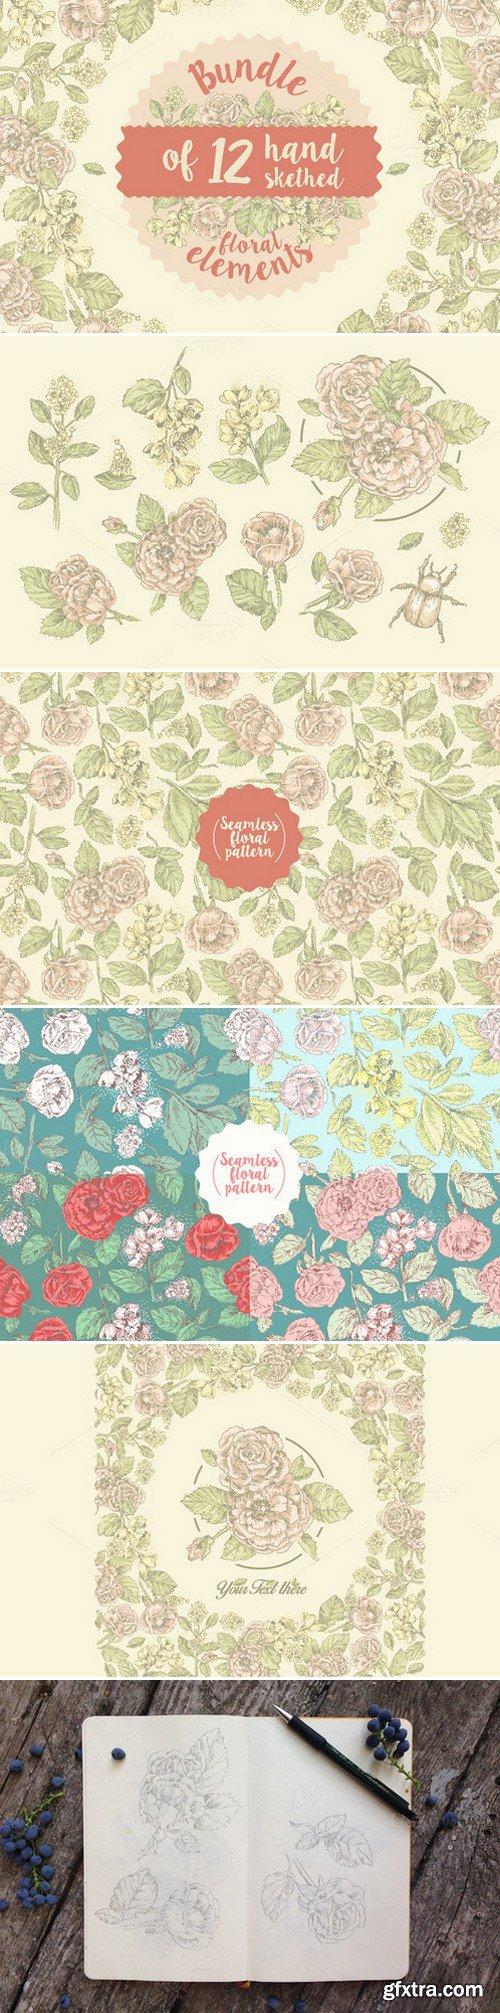 CM - 12 handsketched flower elements 425848